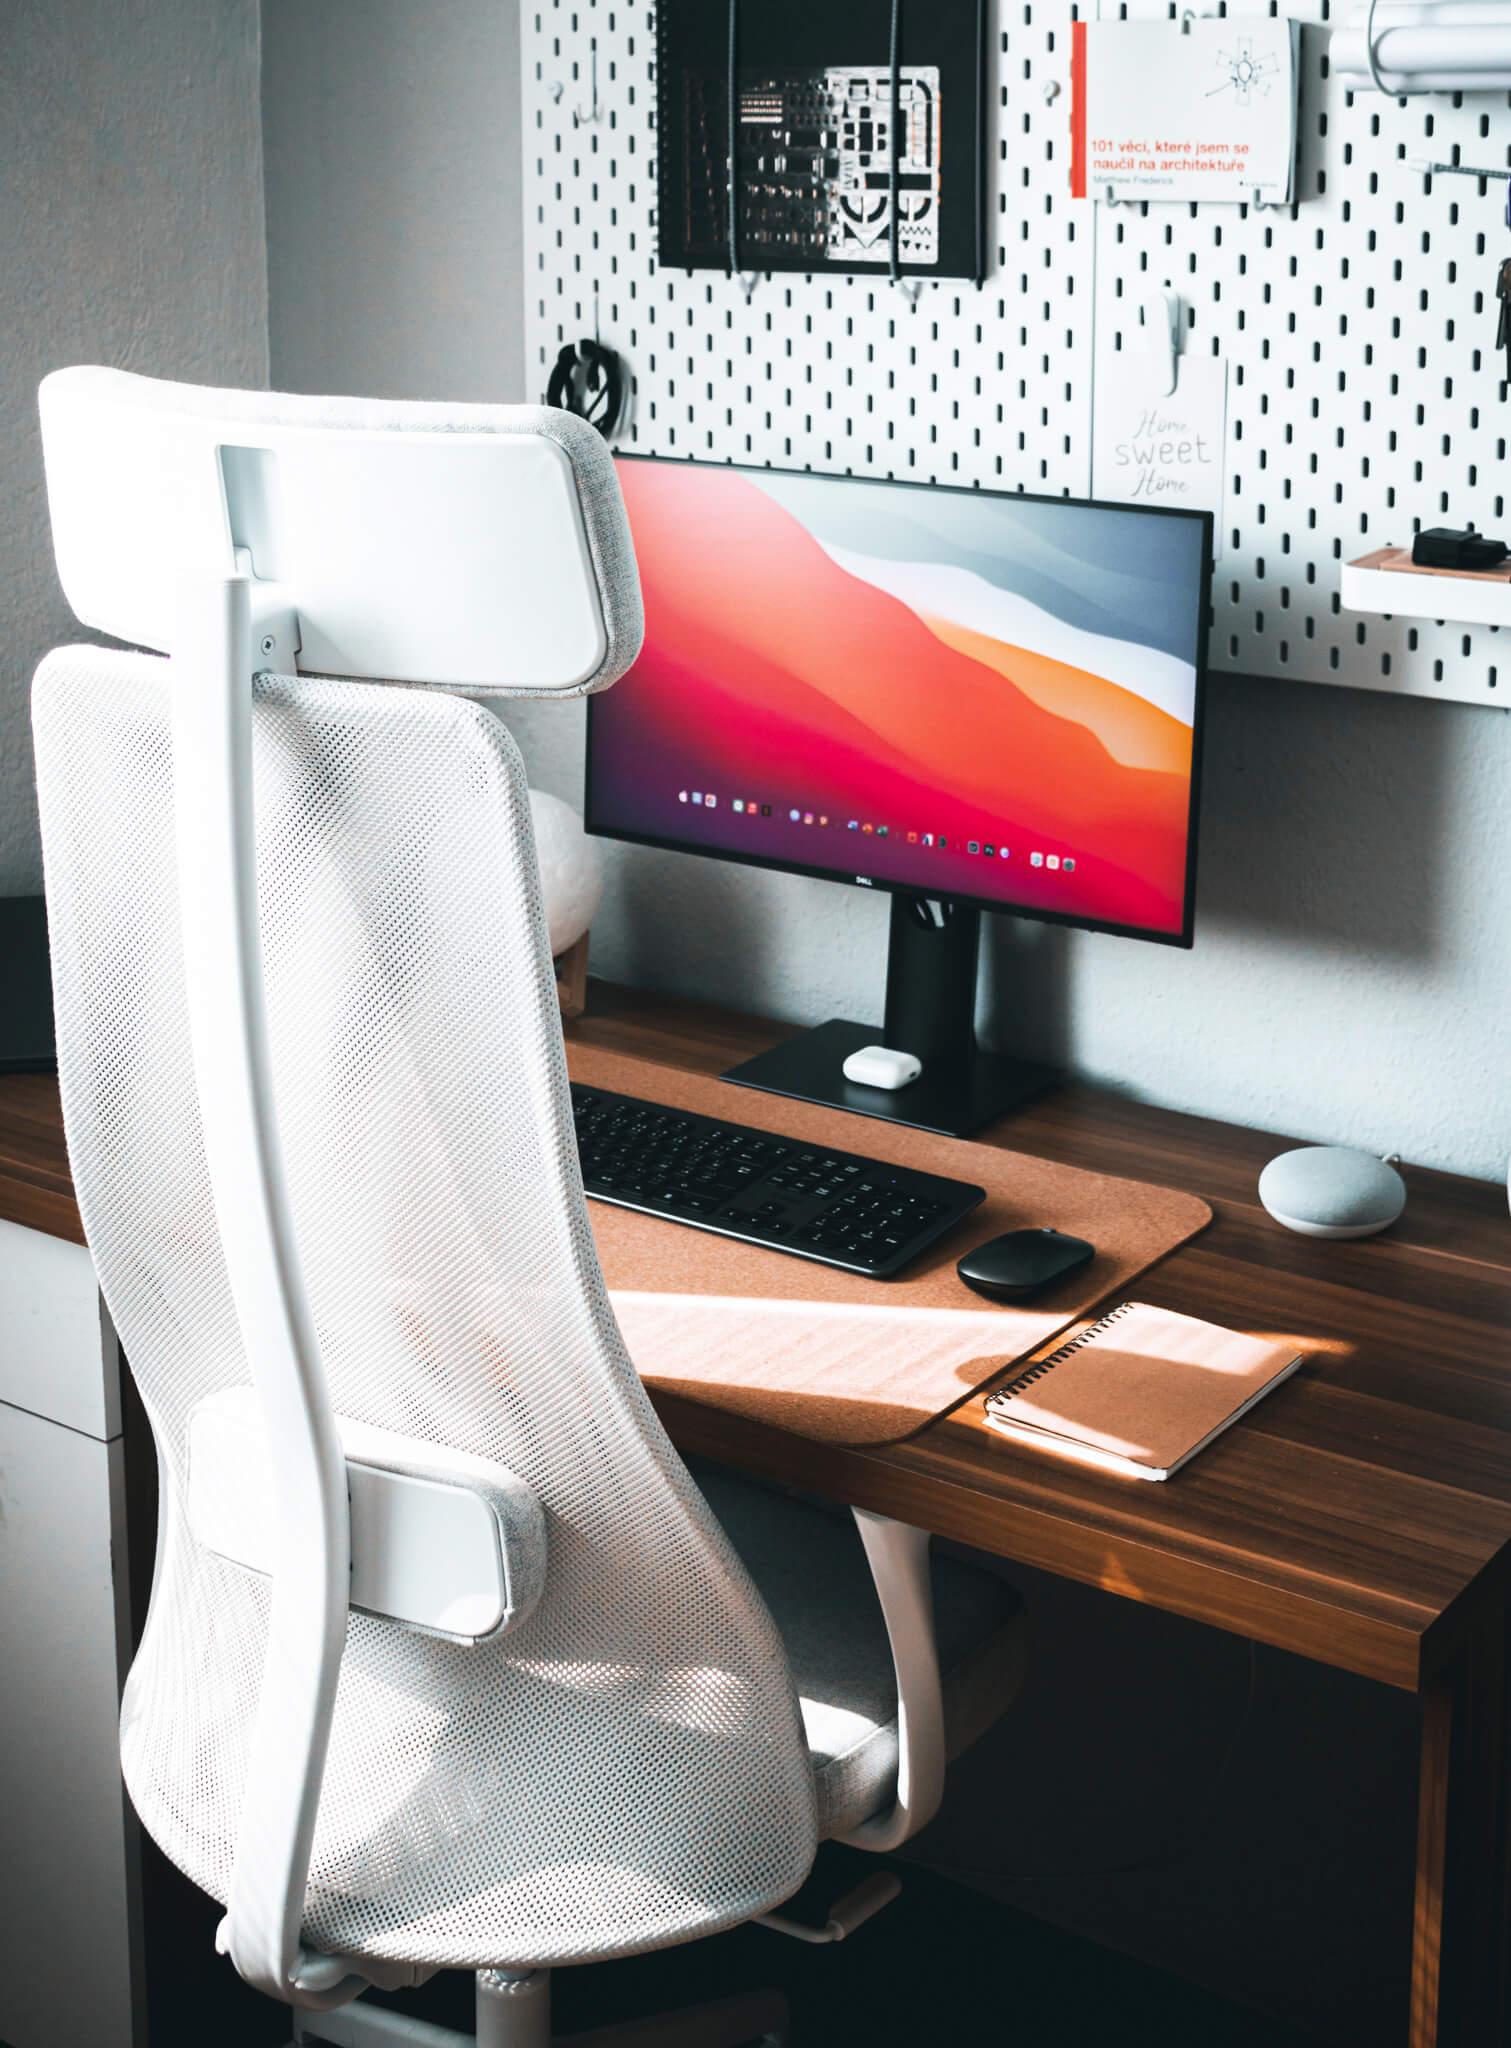 IKEA's Järvfjället swivel chair